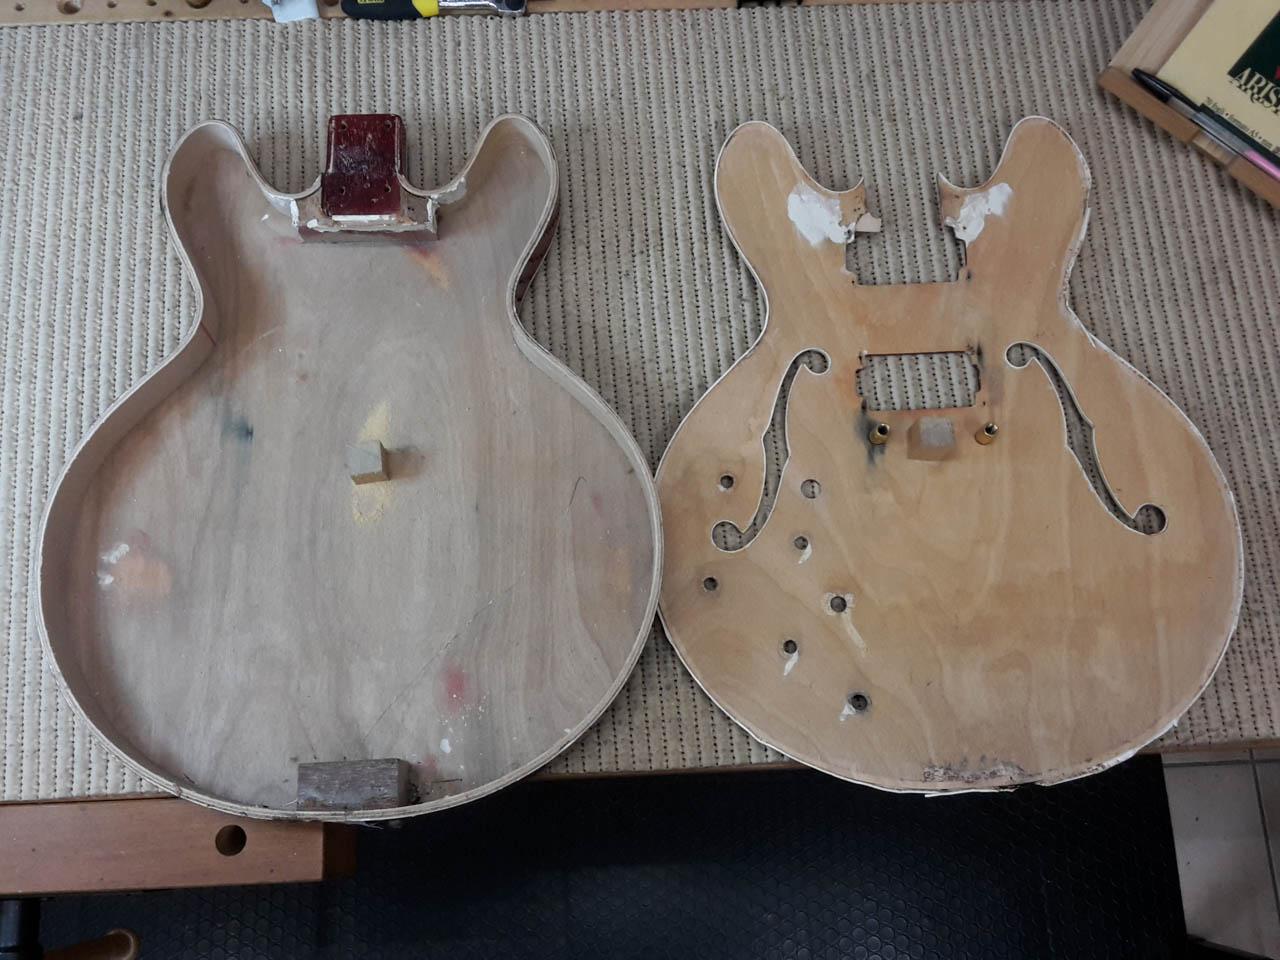 restauro ibanez legno e corde liutaio como